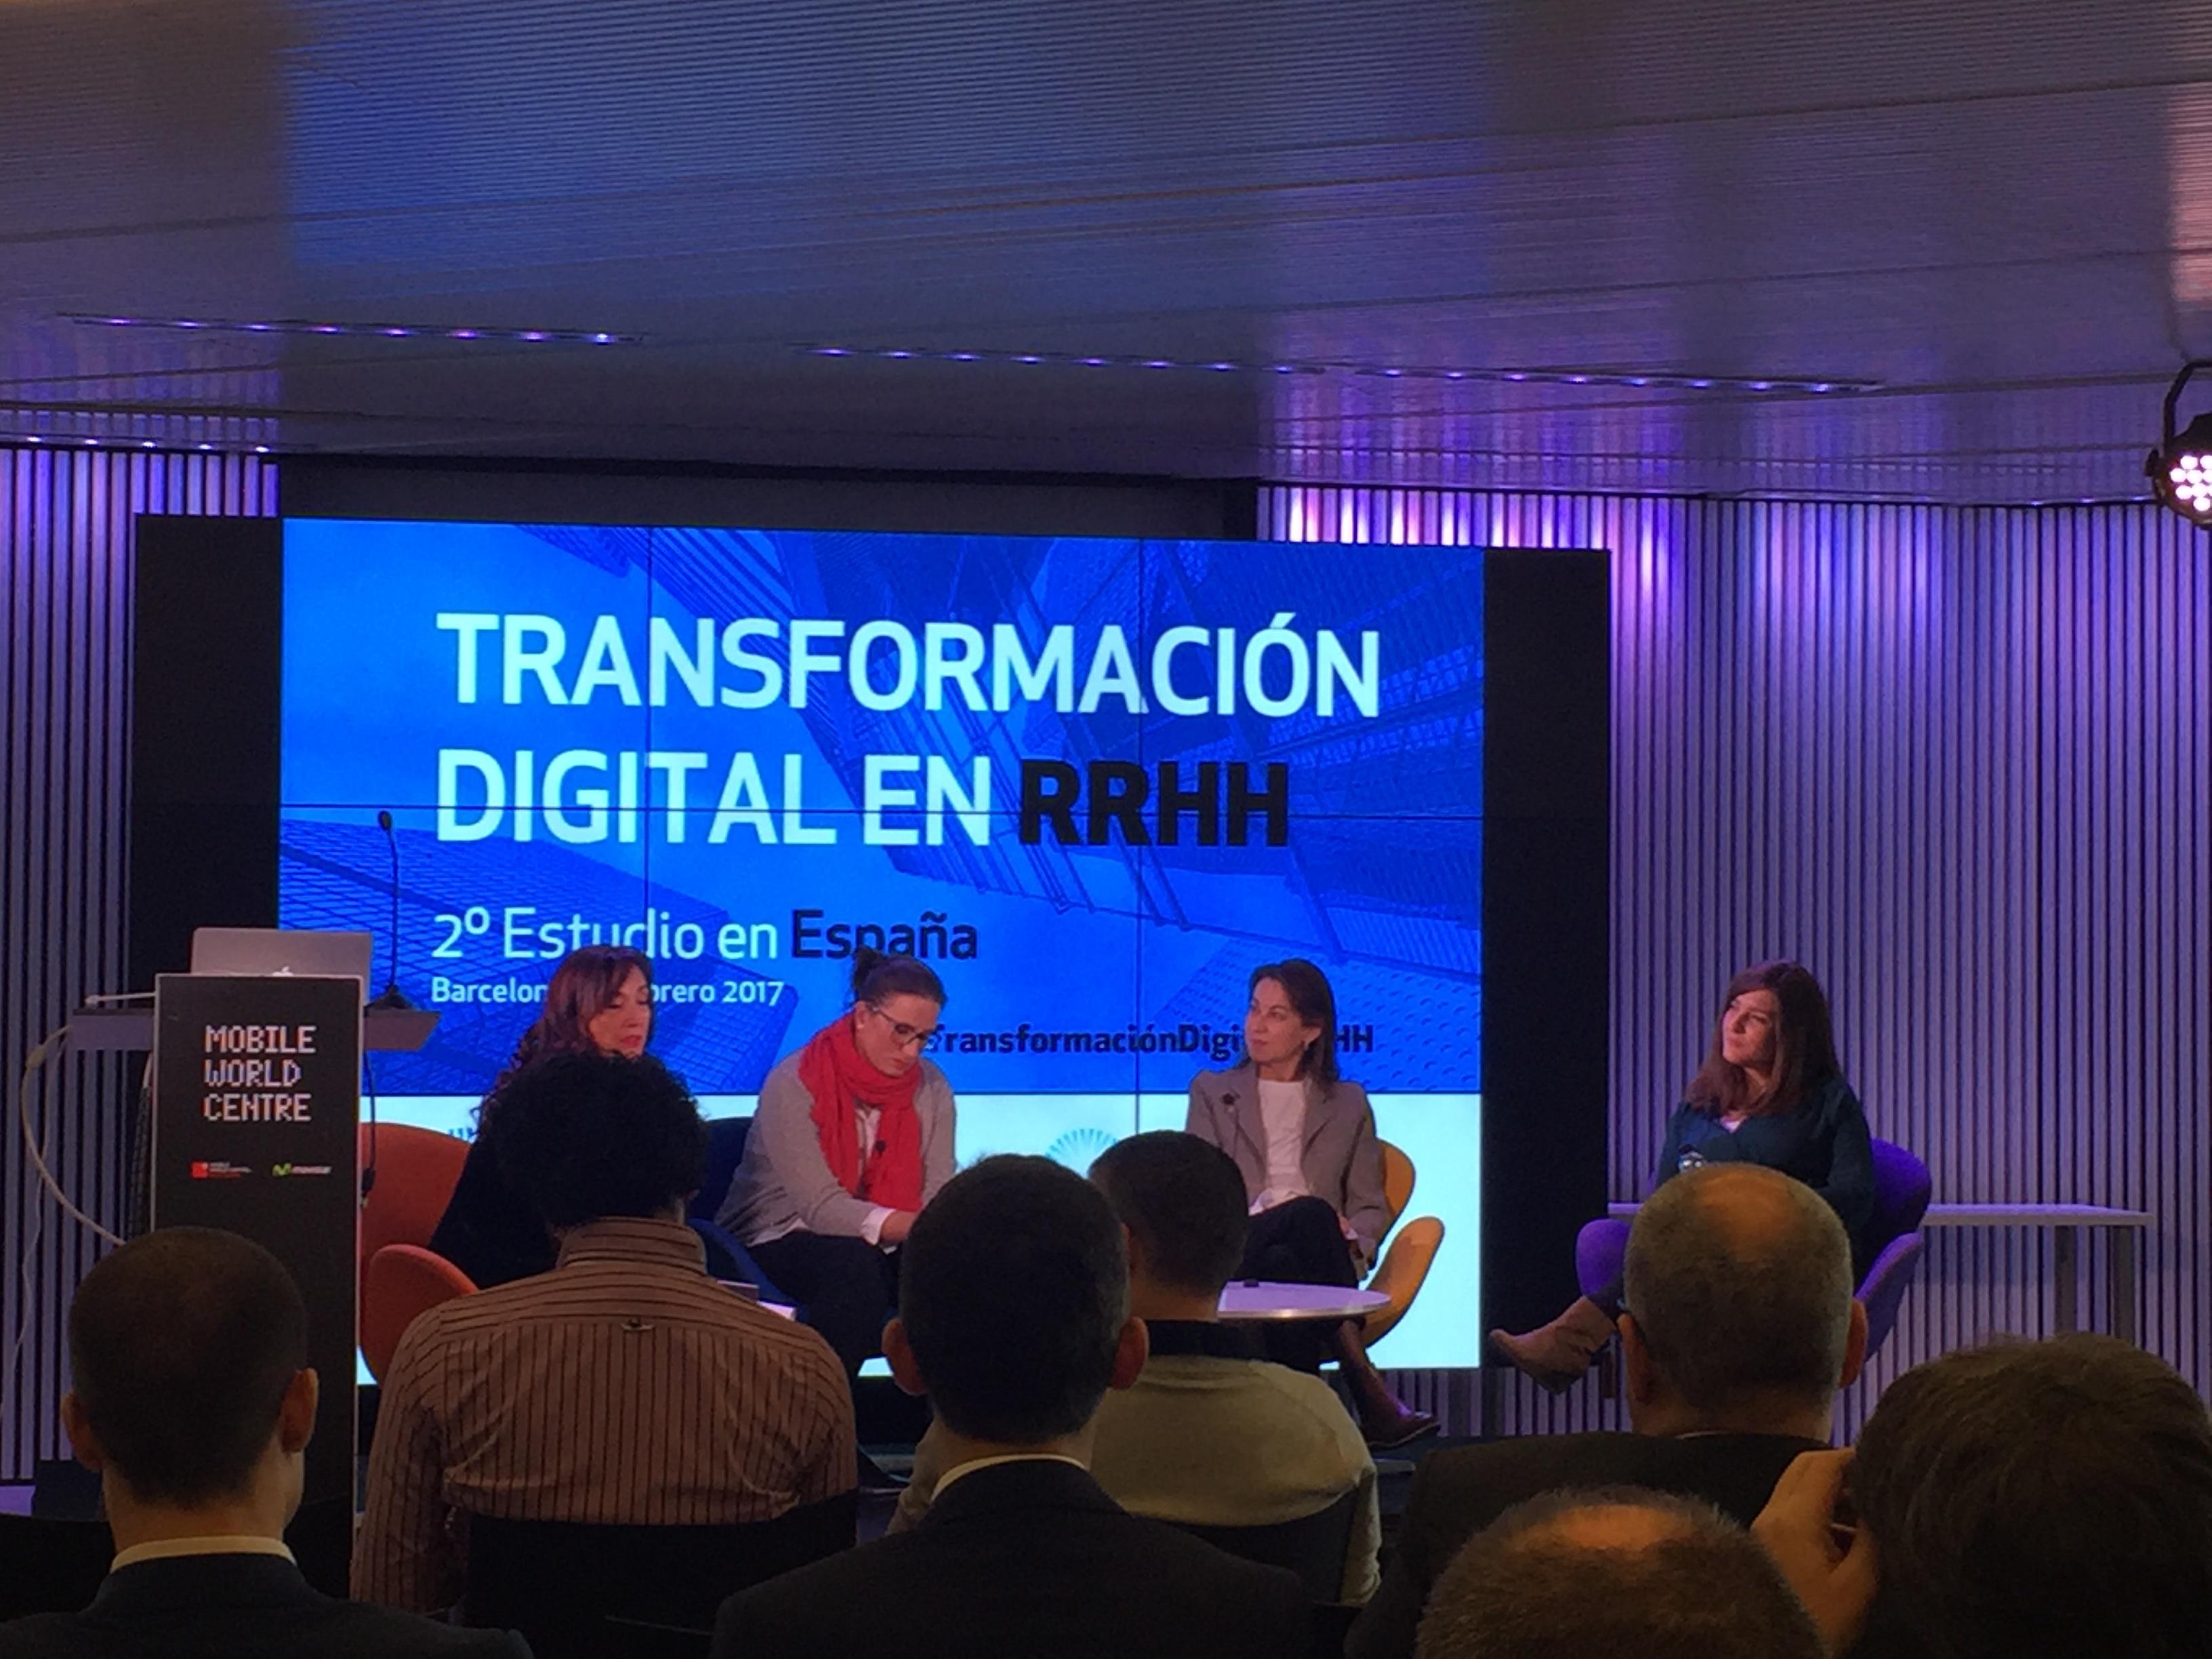 8_Presentacion del segundo estudio sobre transformacion digital en RRHH en España.jpg